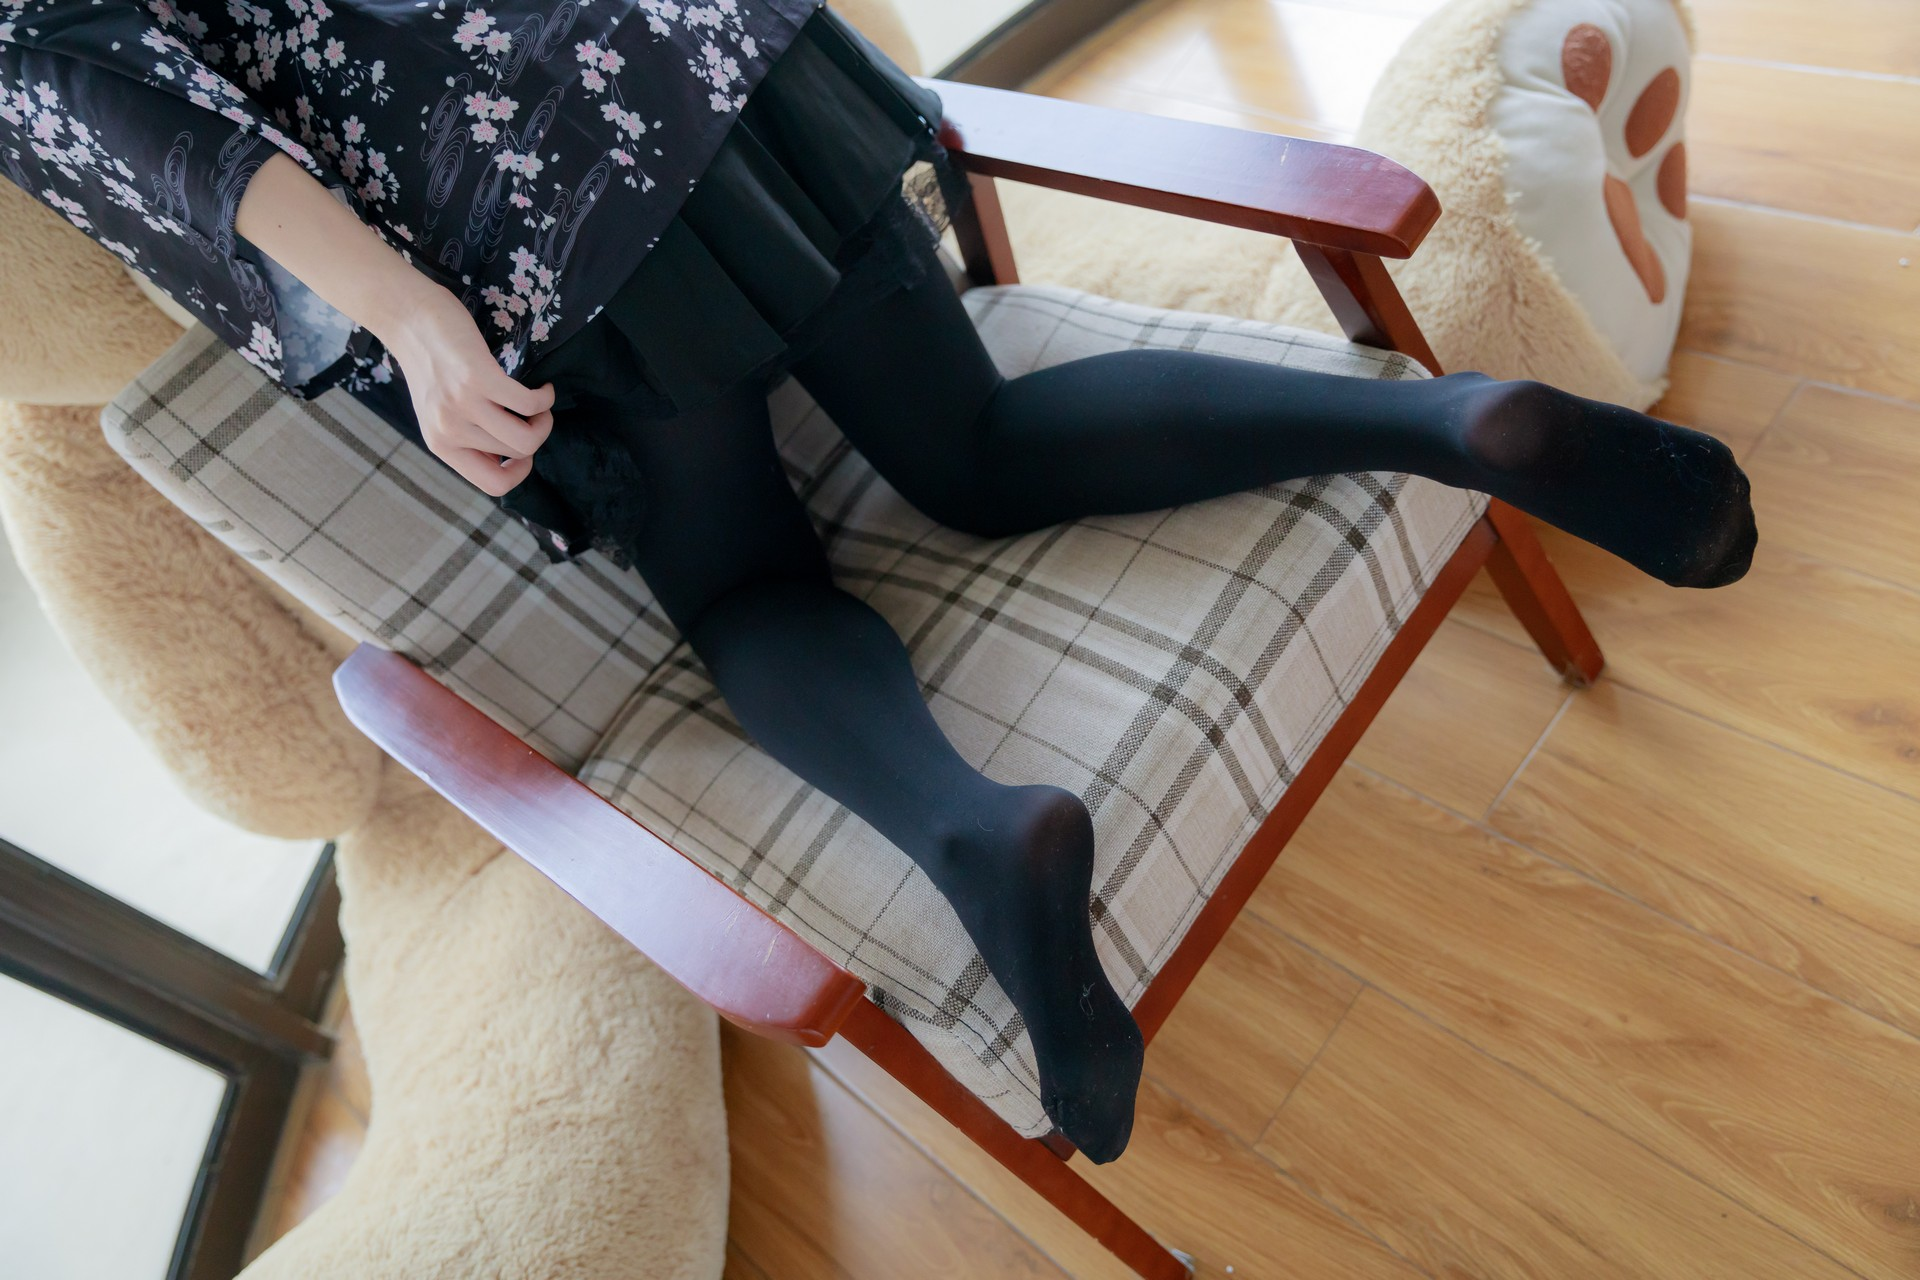 椅上黑丝少女 腿控领域